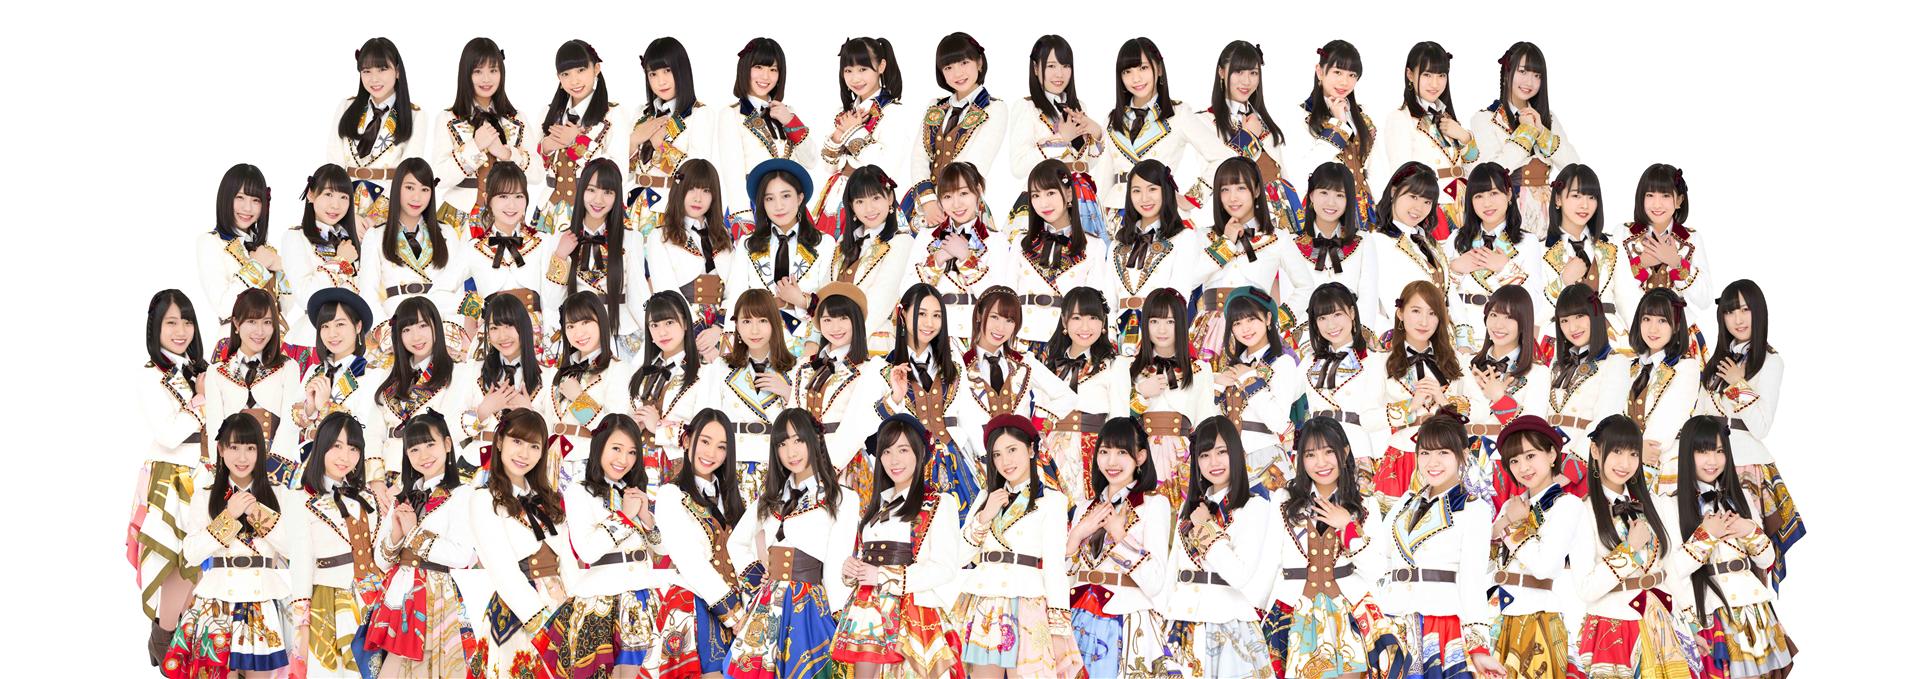 【エンタメ画像】【東海ラジオ】SKE48が担当する5番組は継続が決定!!!!!!!!!